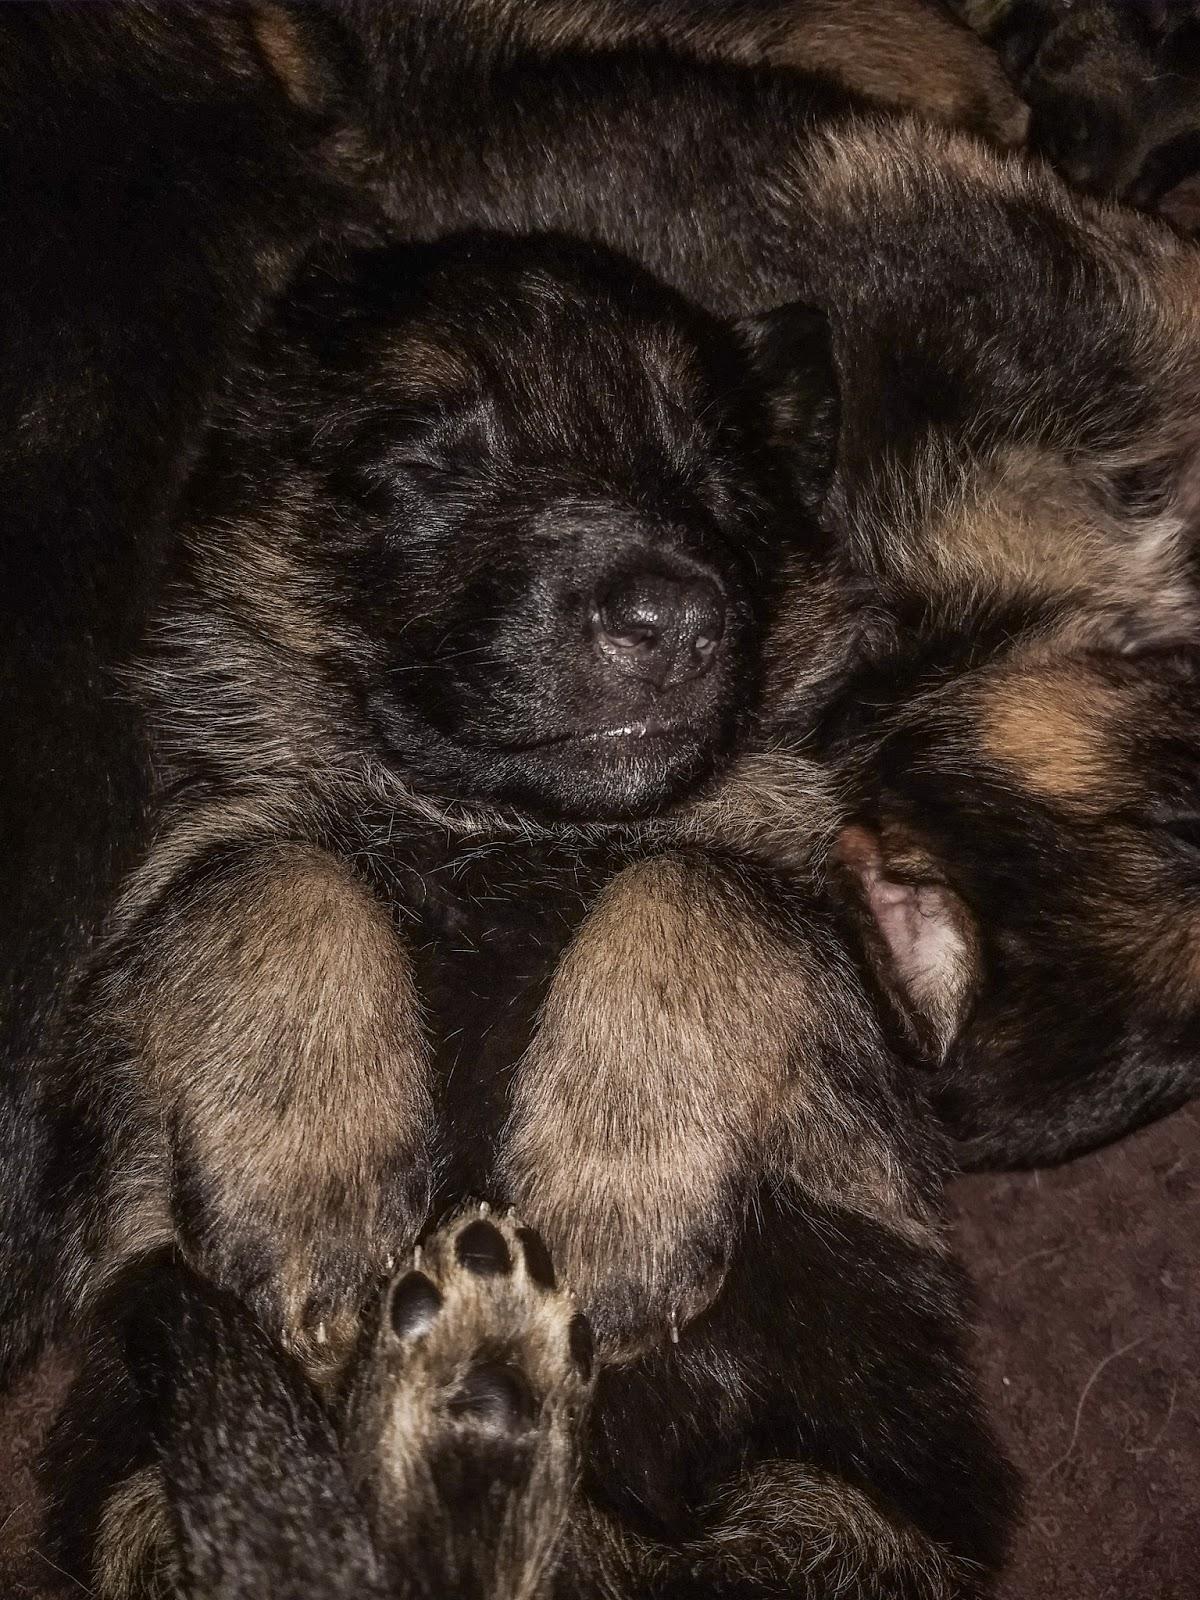 3 week old German Shepherd puppy sleeping upside down.